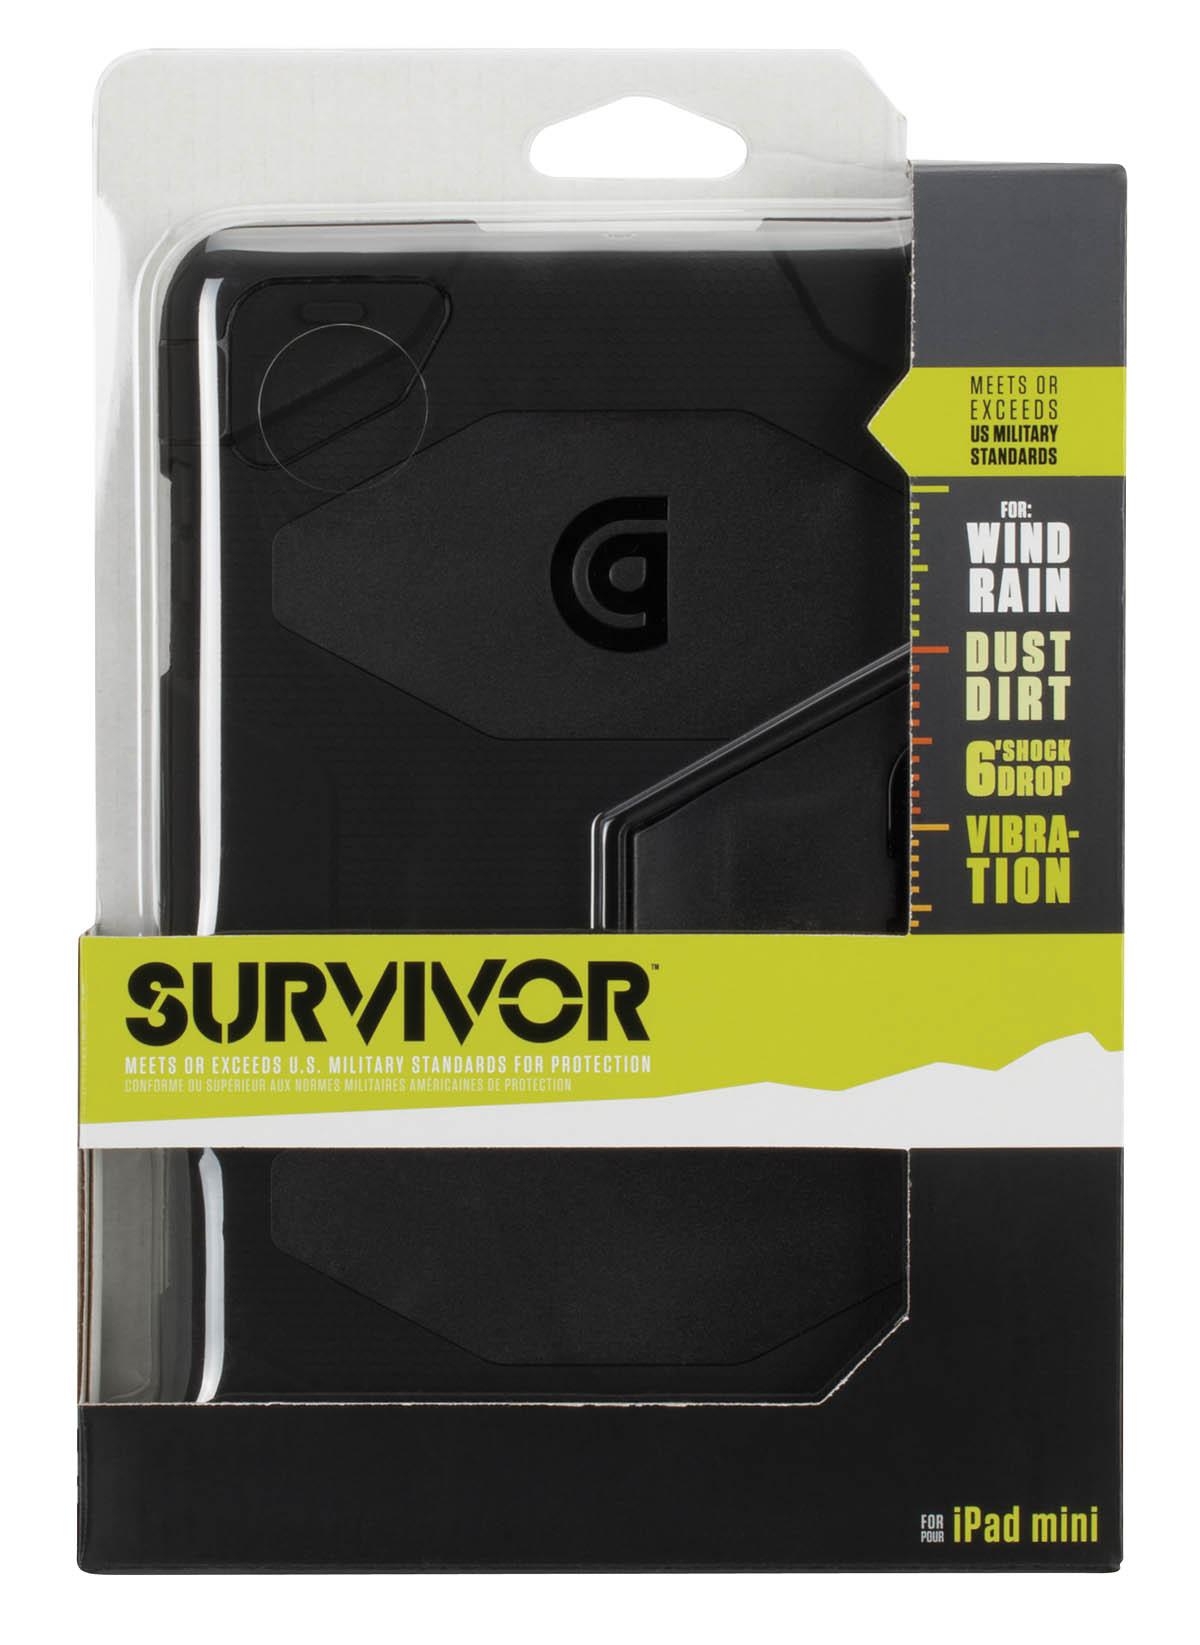 Survivor for iPad Mini: Accessory